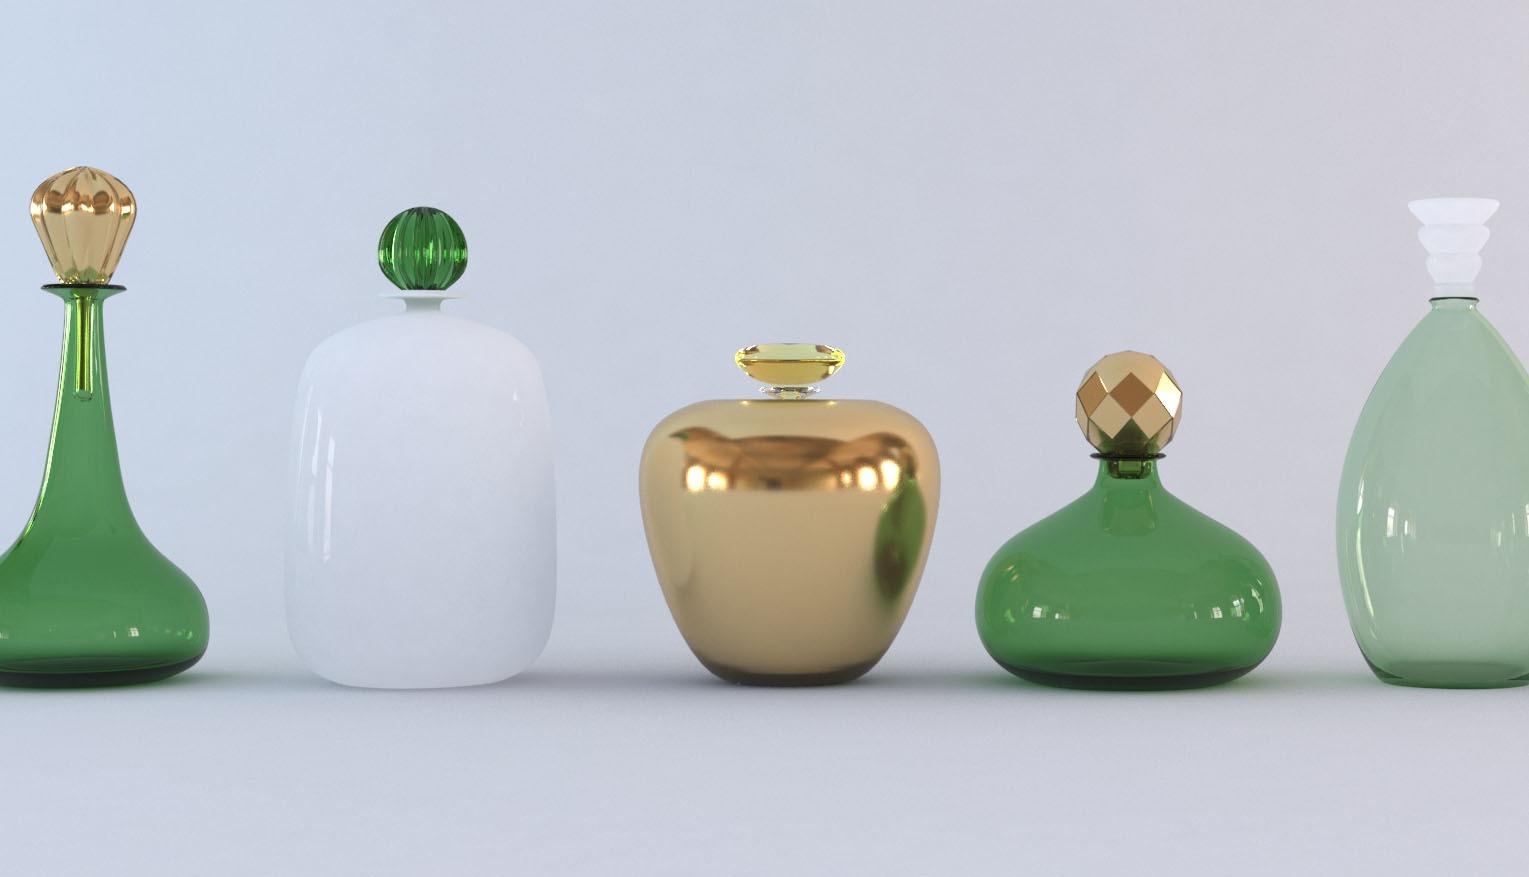 Some glass bottles